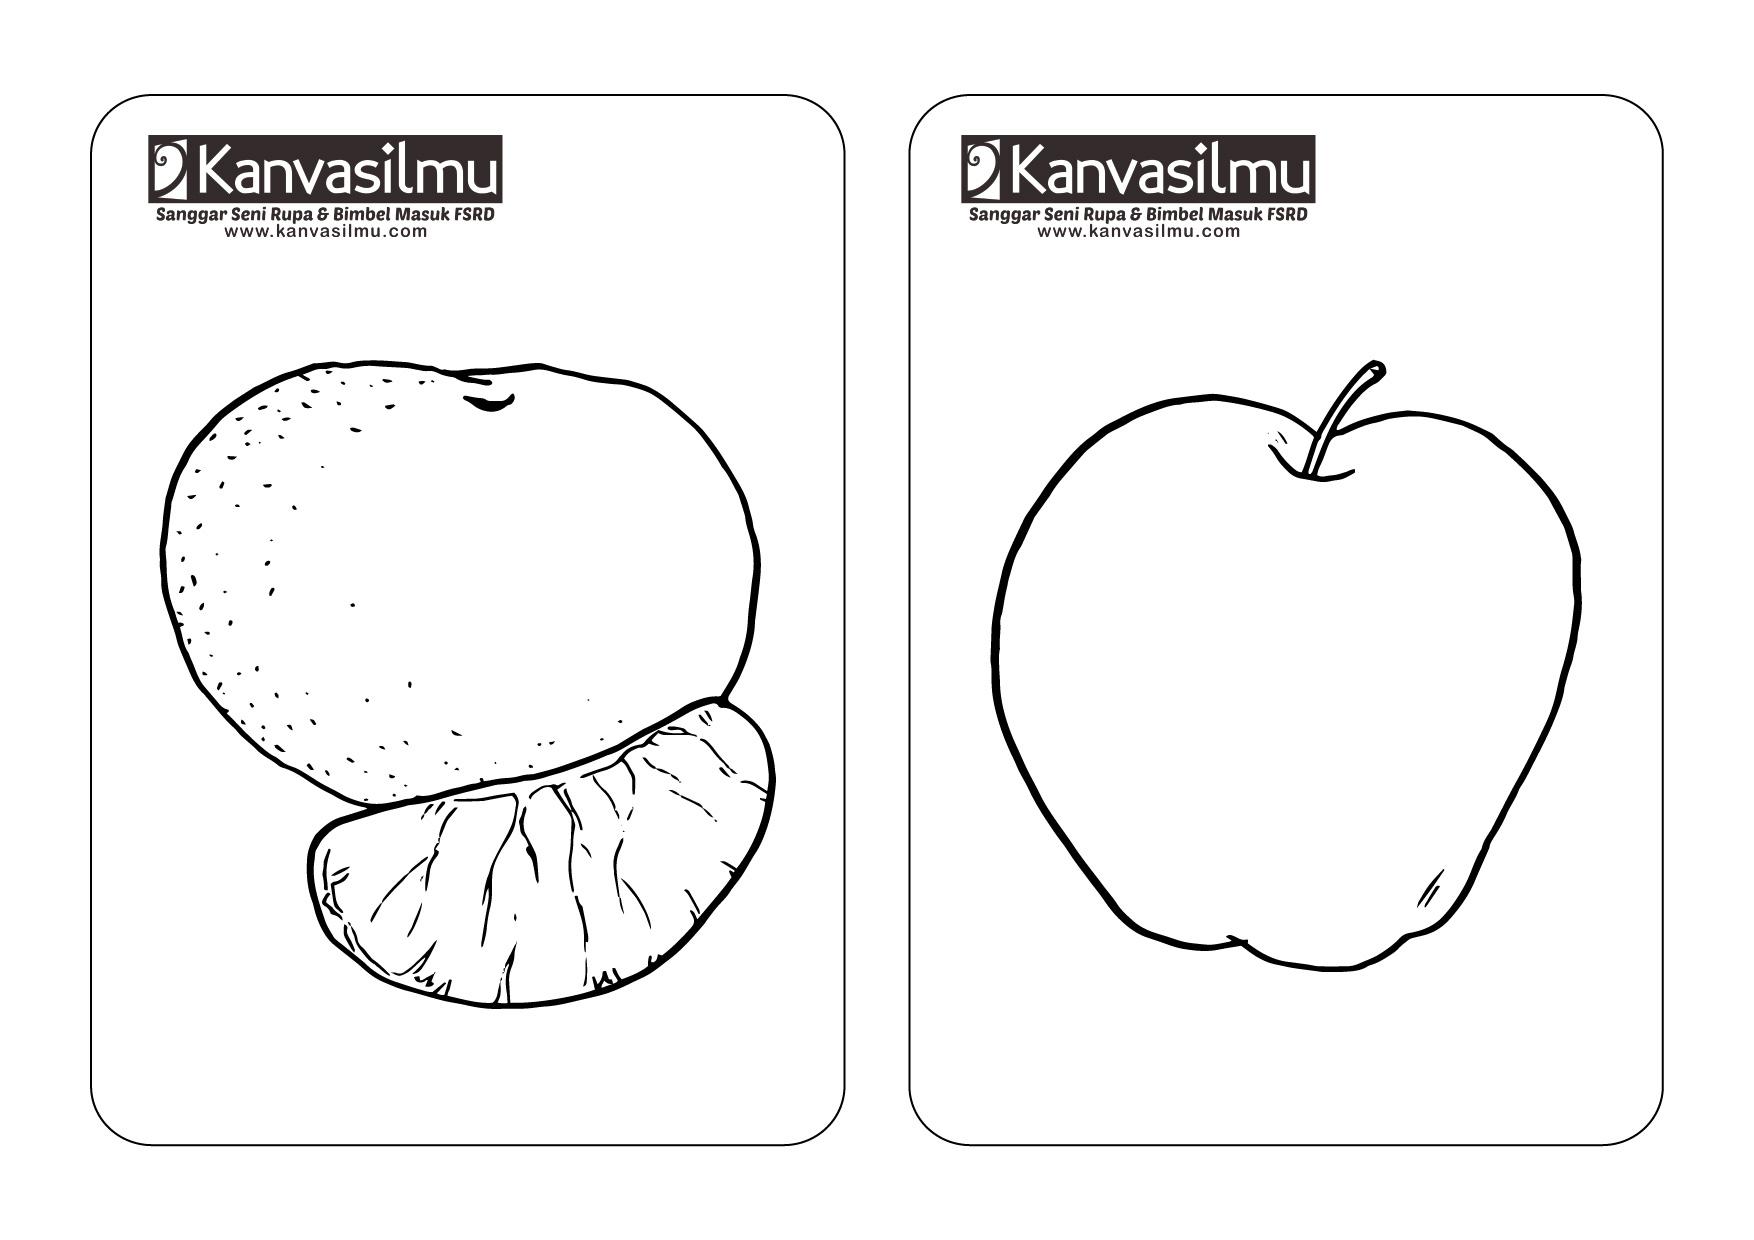 Lembar Mewarnai Buah Jeruk Dan Apel Kanvasilmu